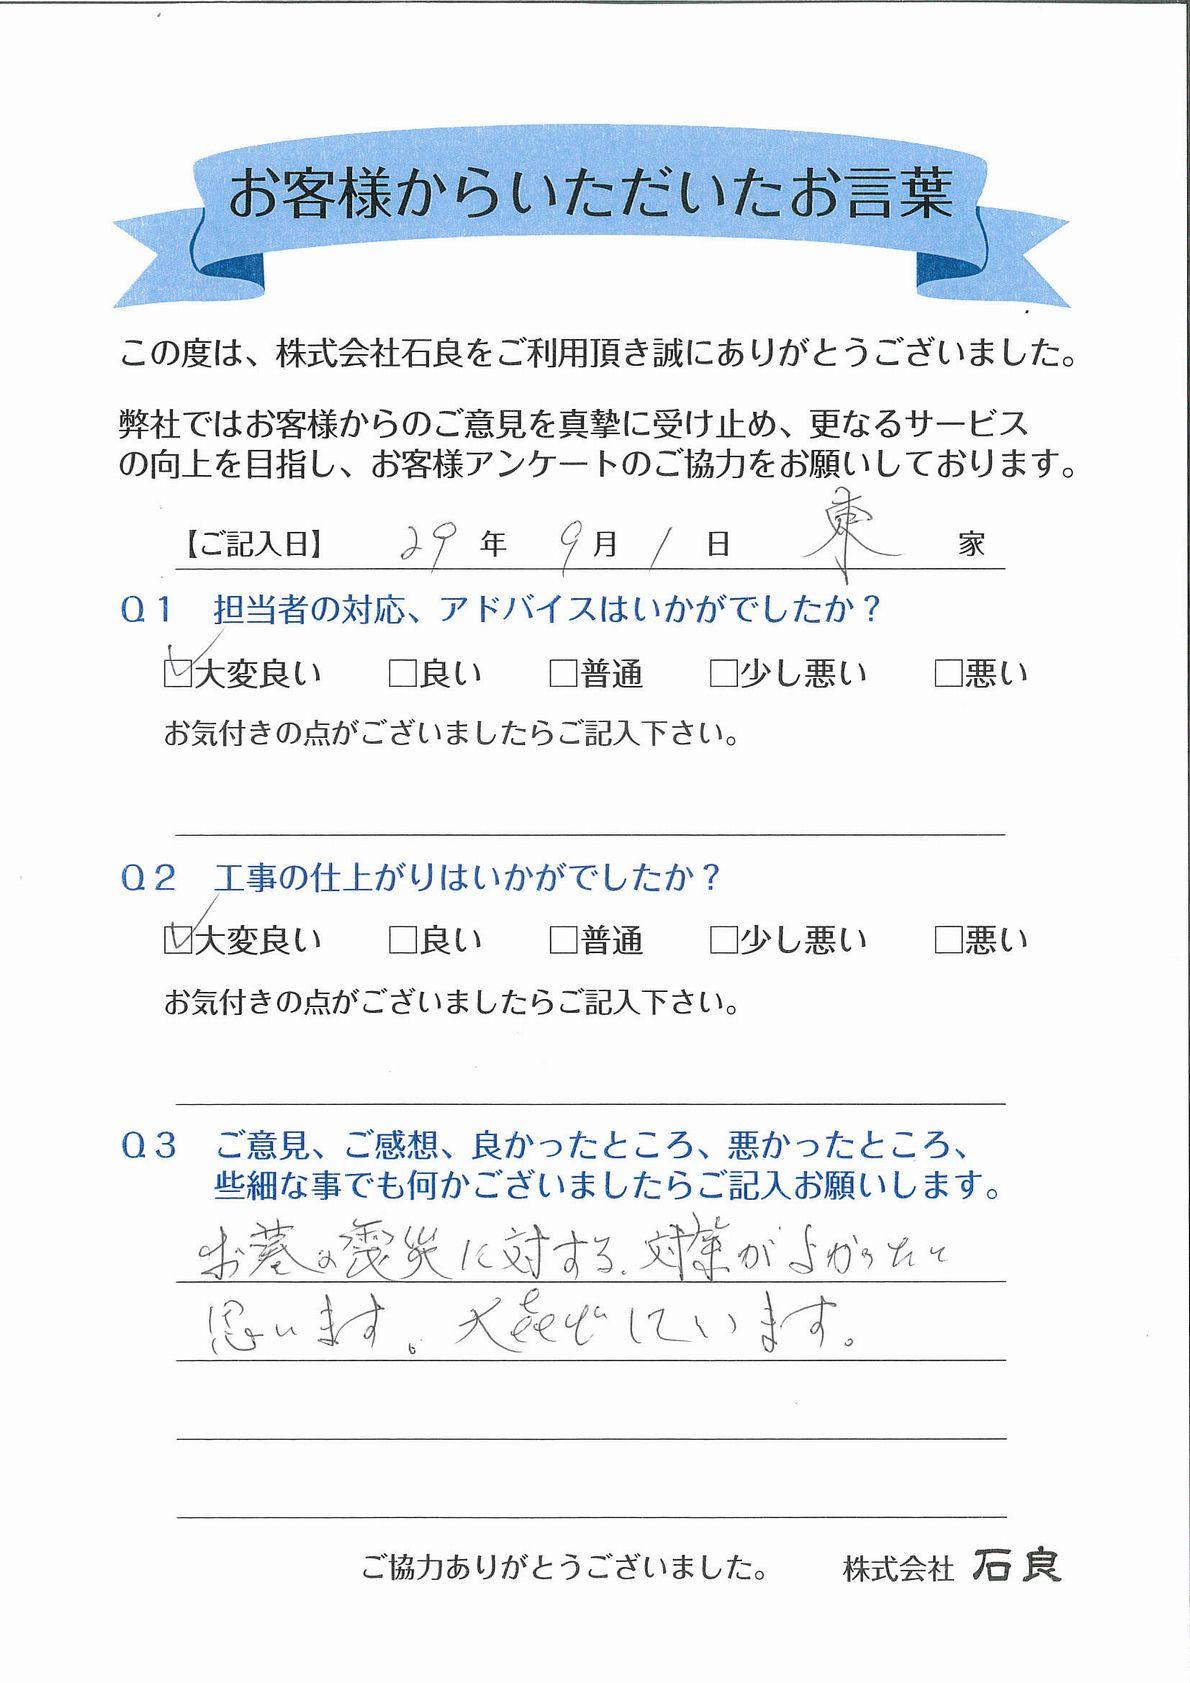 「松戸市 東家」大喜びしています。